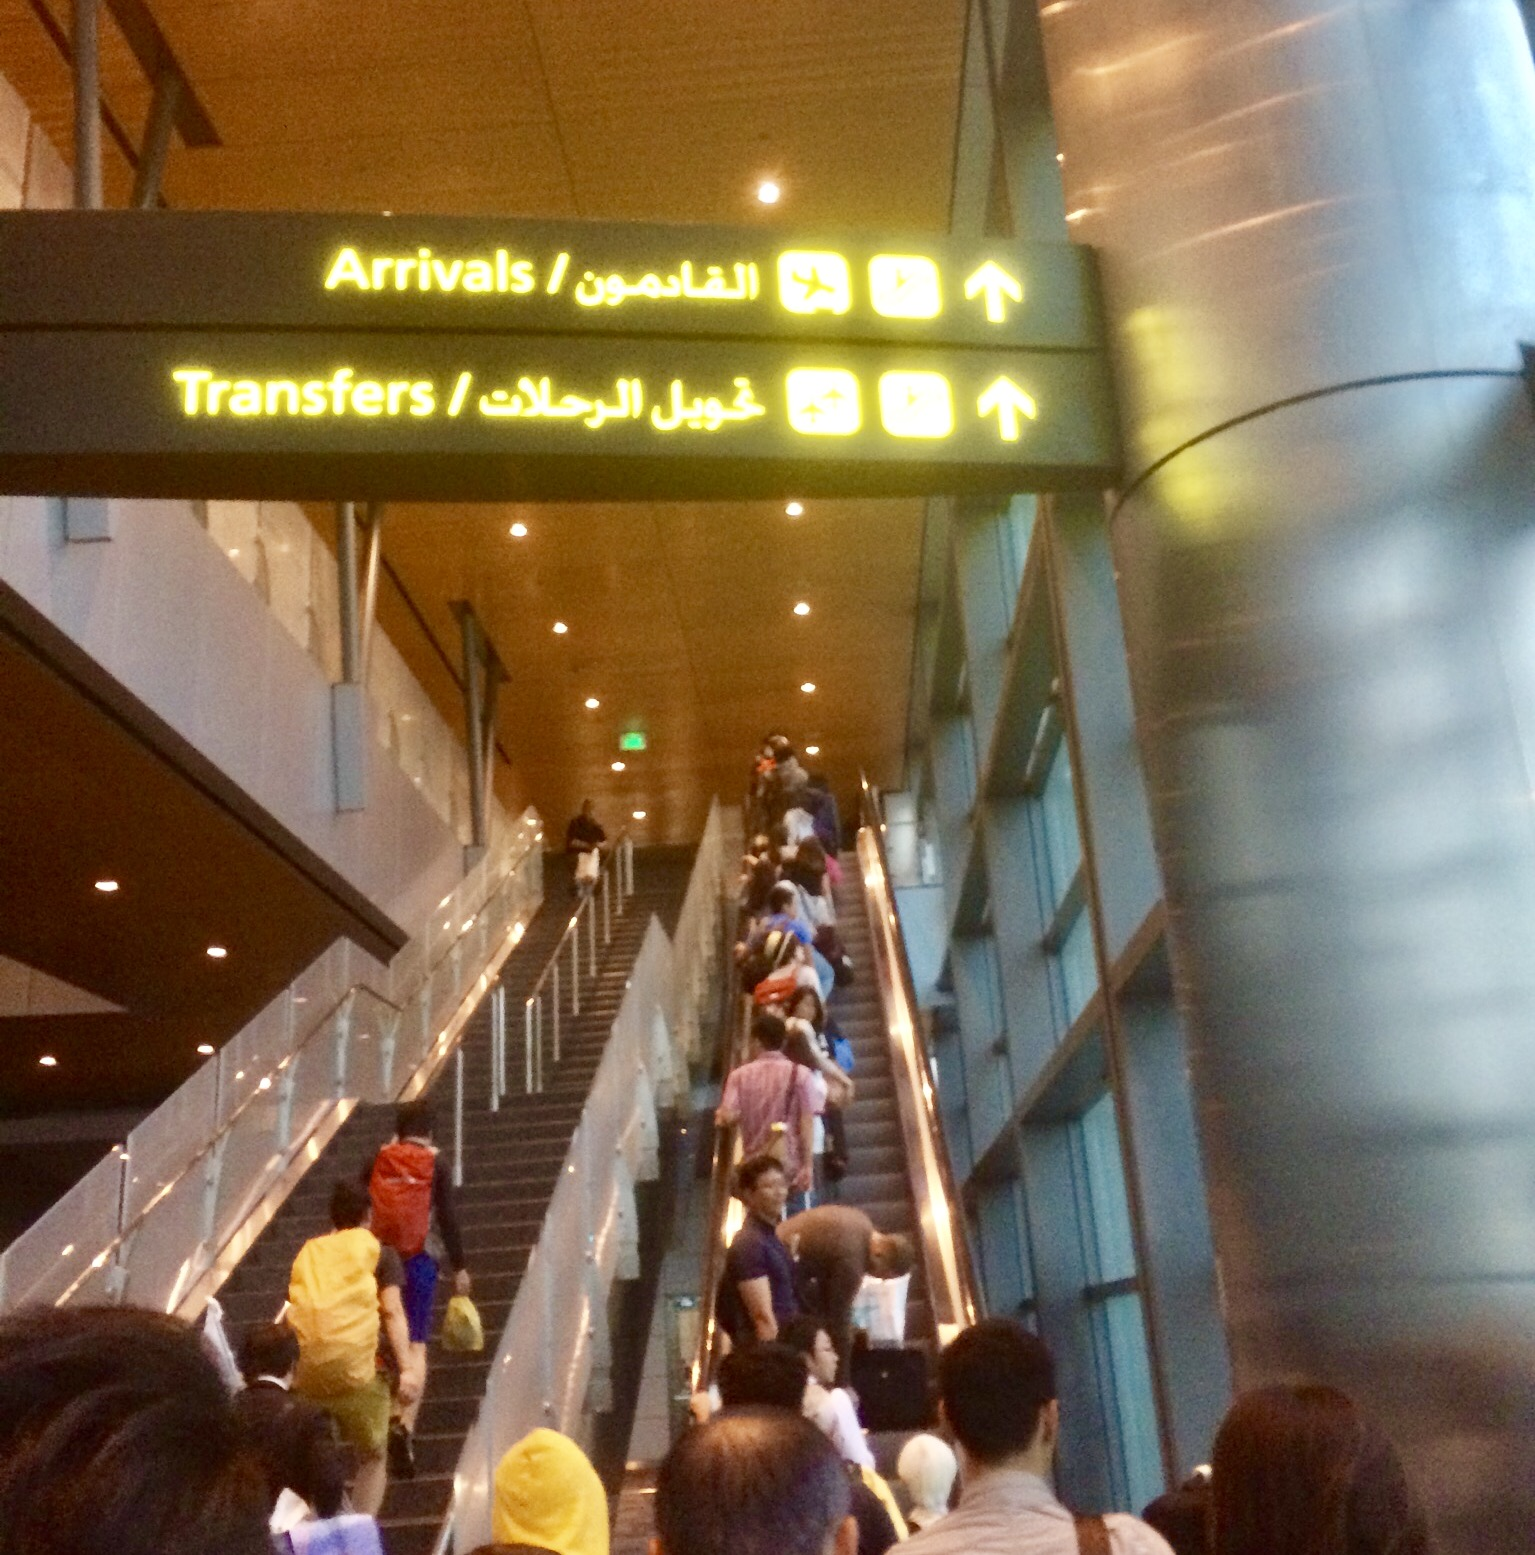 カタール-ドーハ-ハマド国際空港-トランジット-1